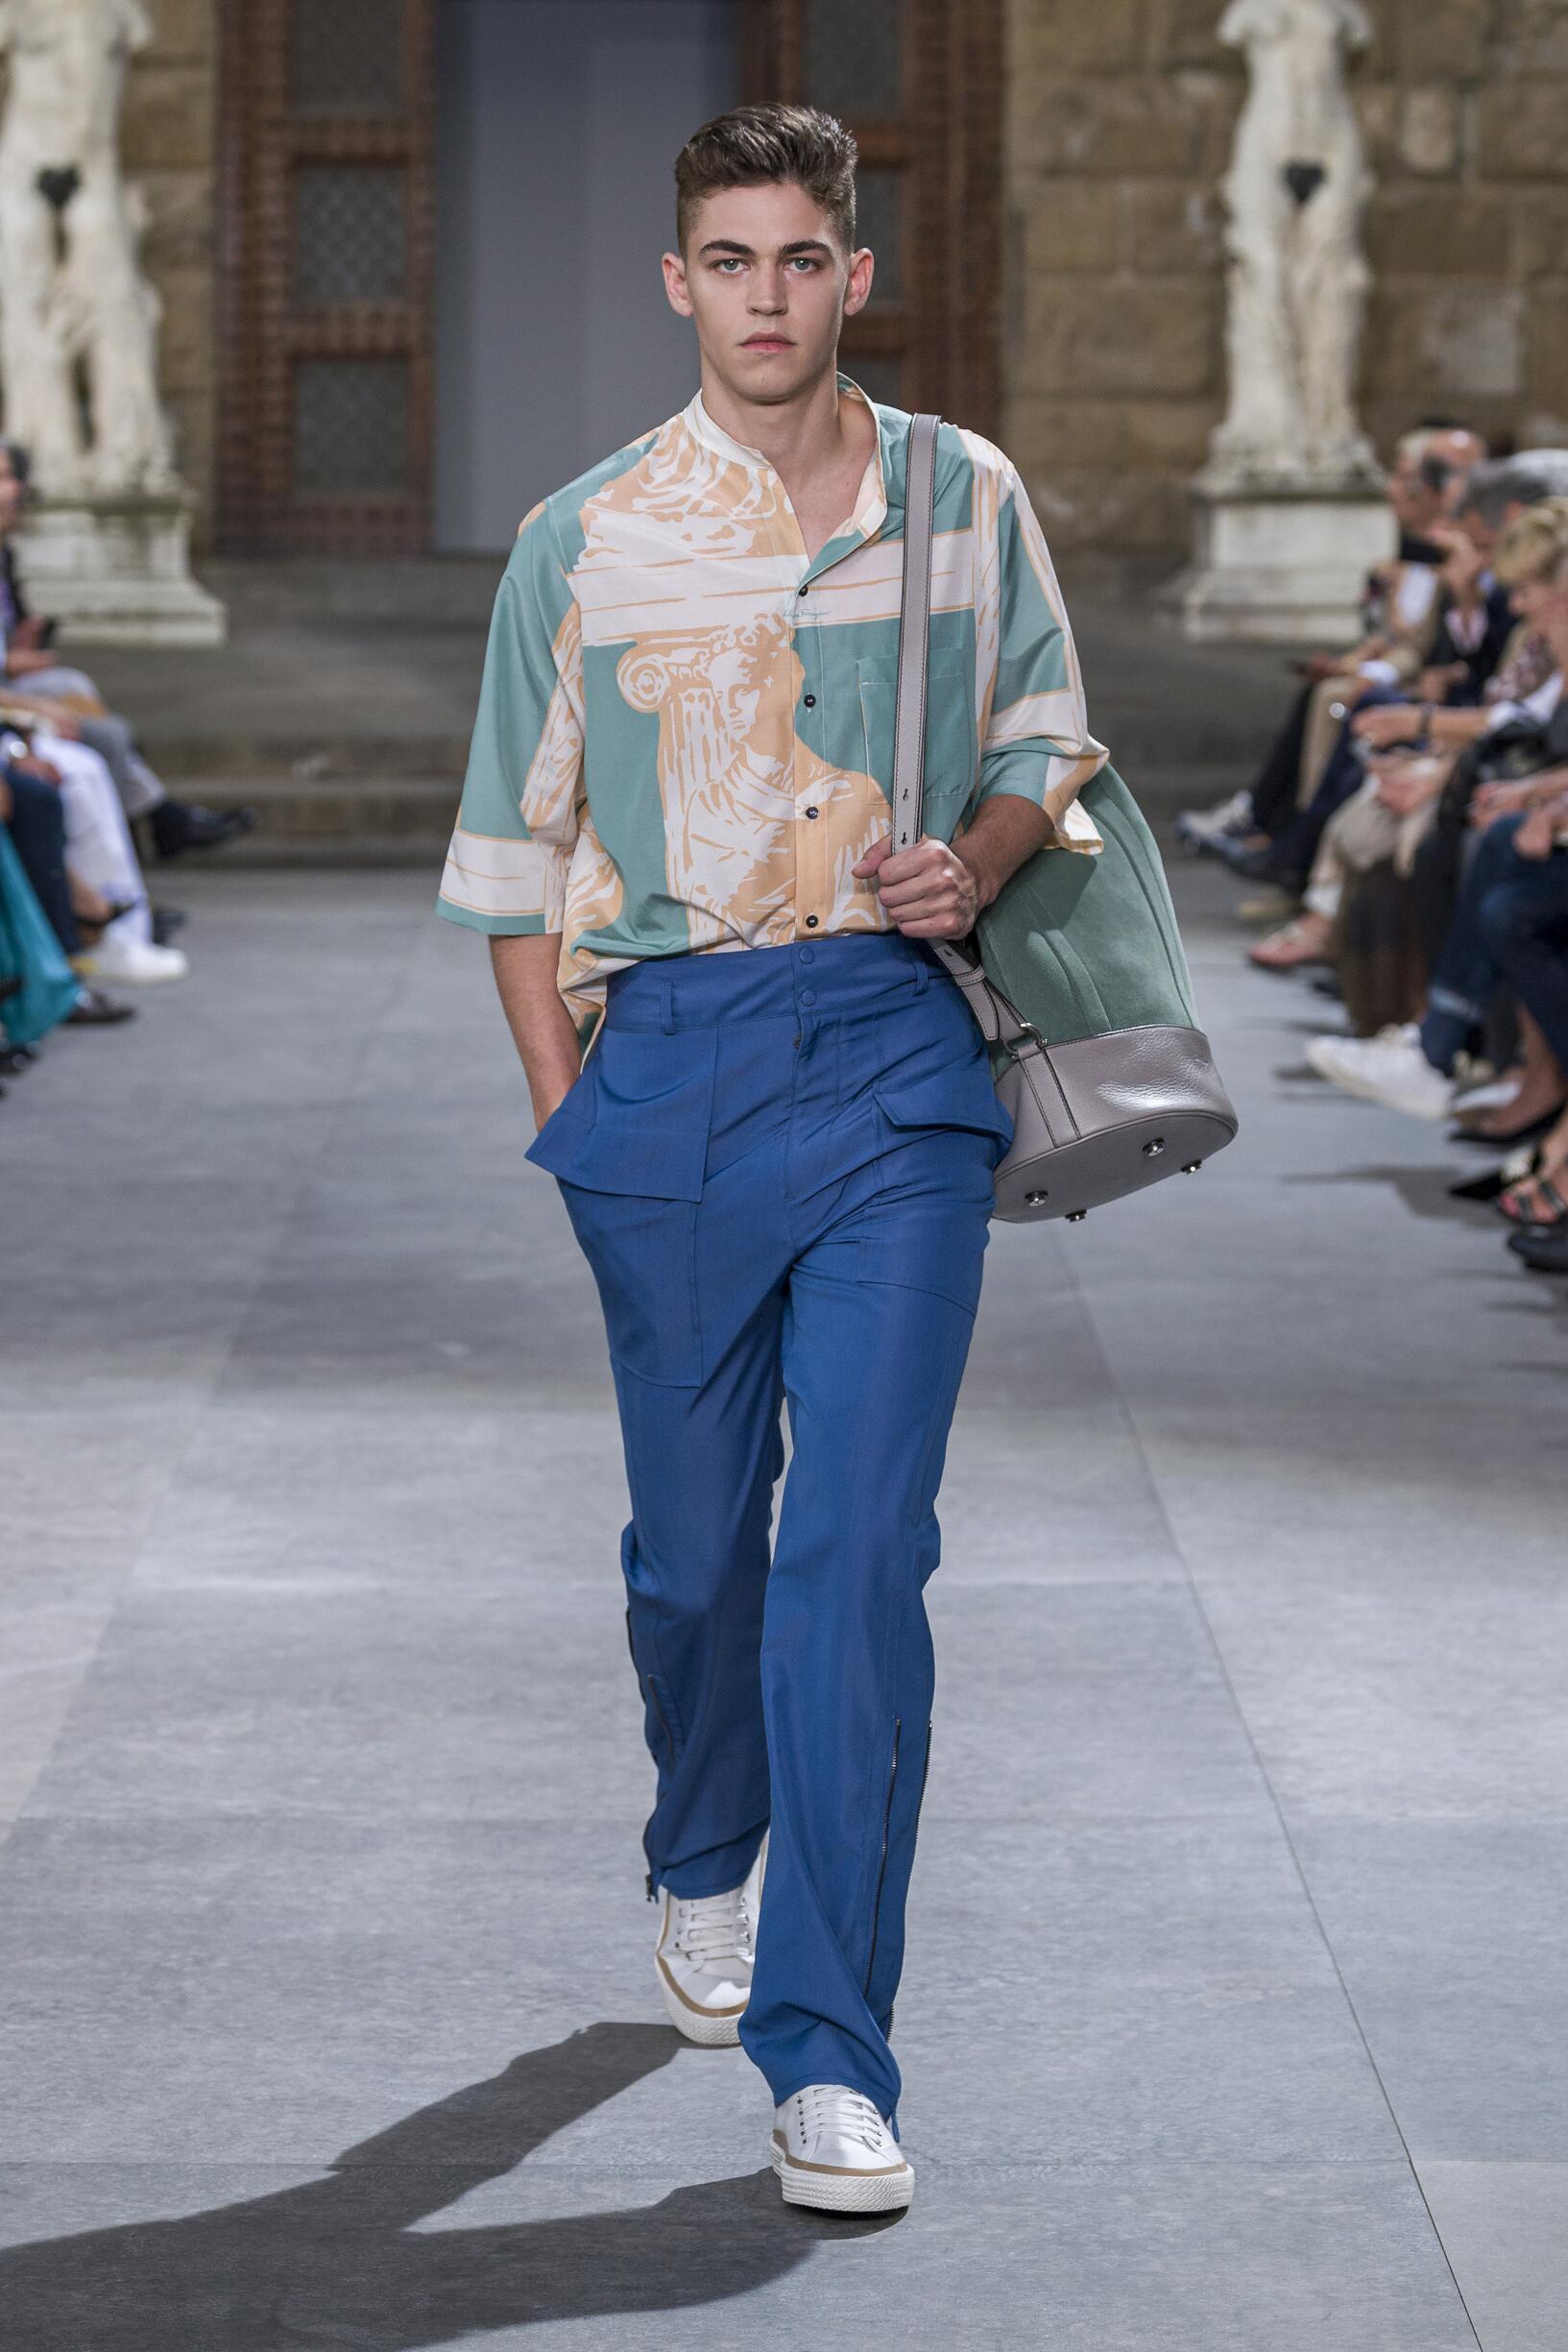 Salvatore Ferragamo Menswear Collection Trends